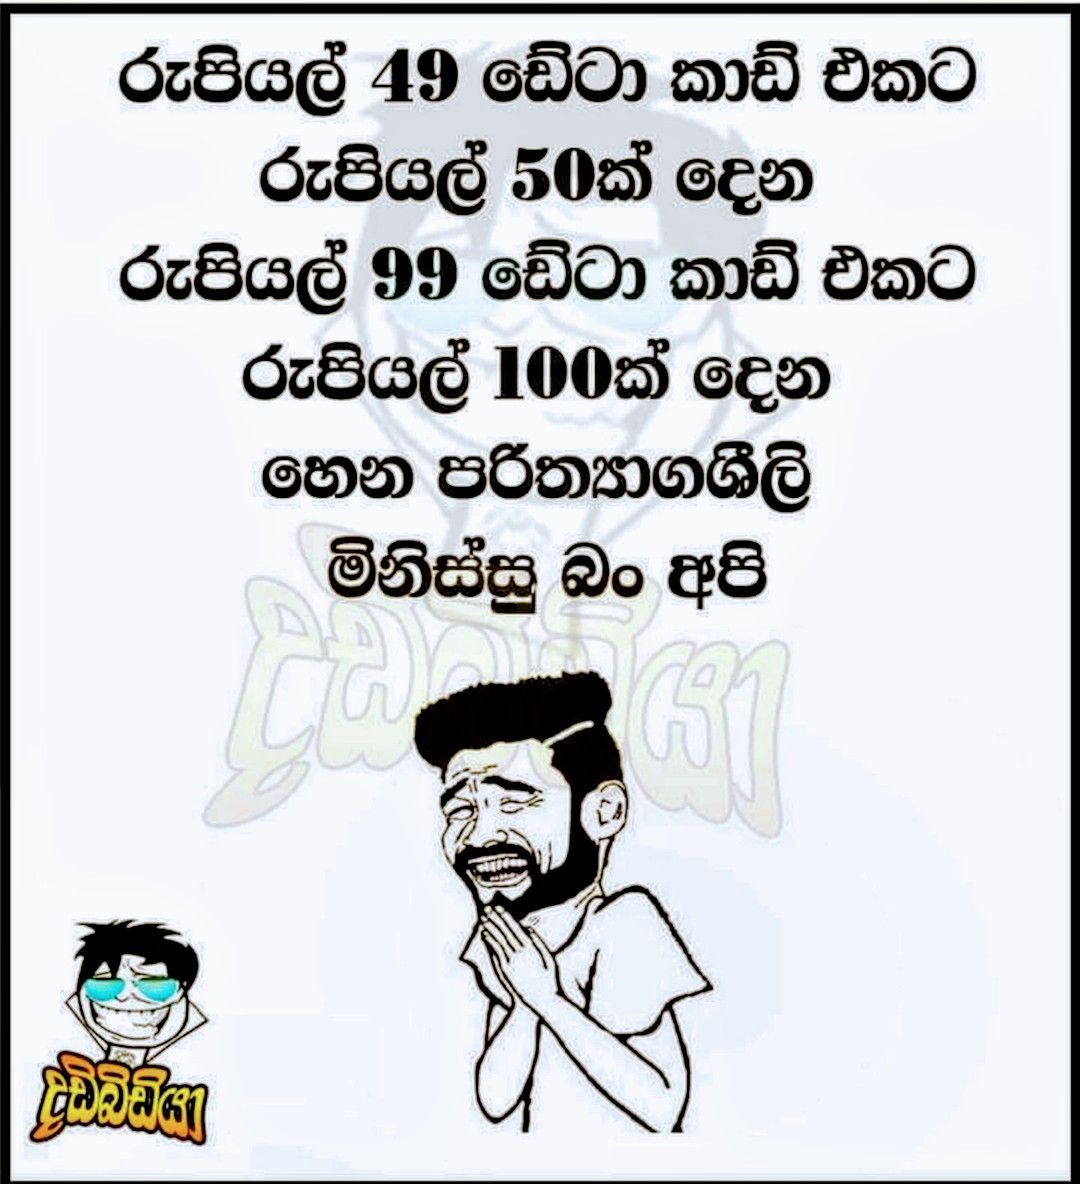 Download Sinhala Jokes Photos